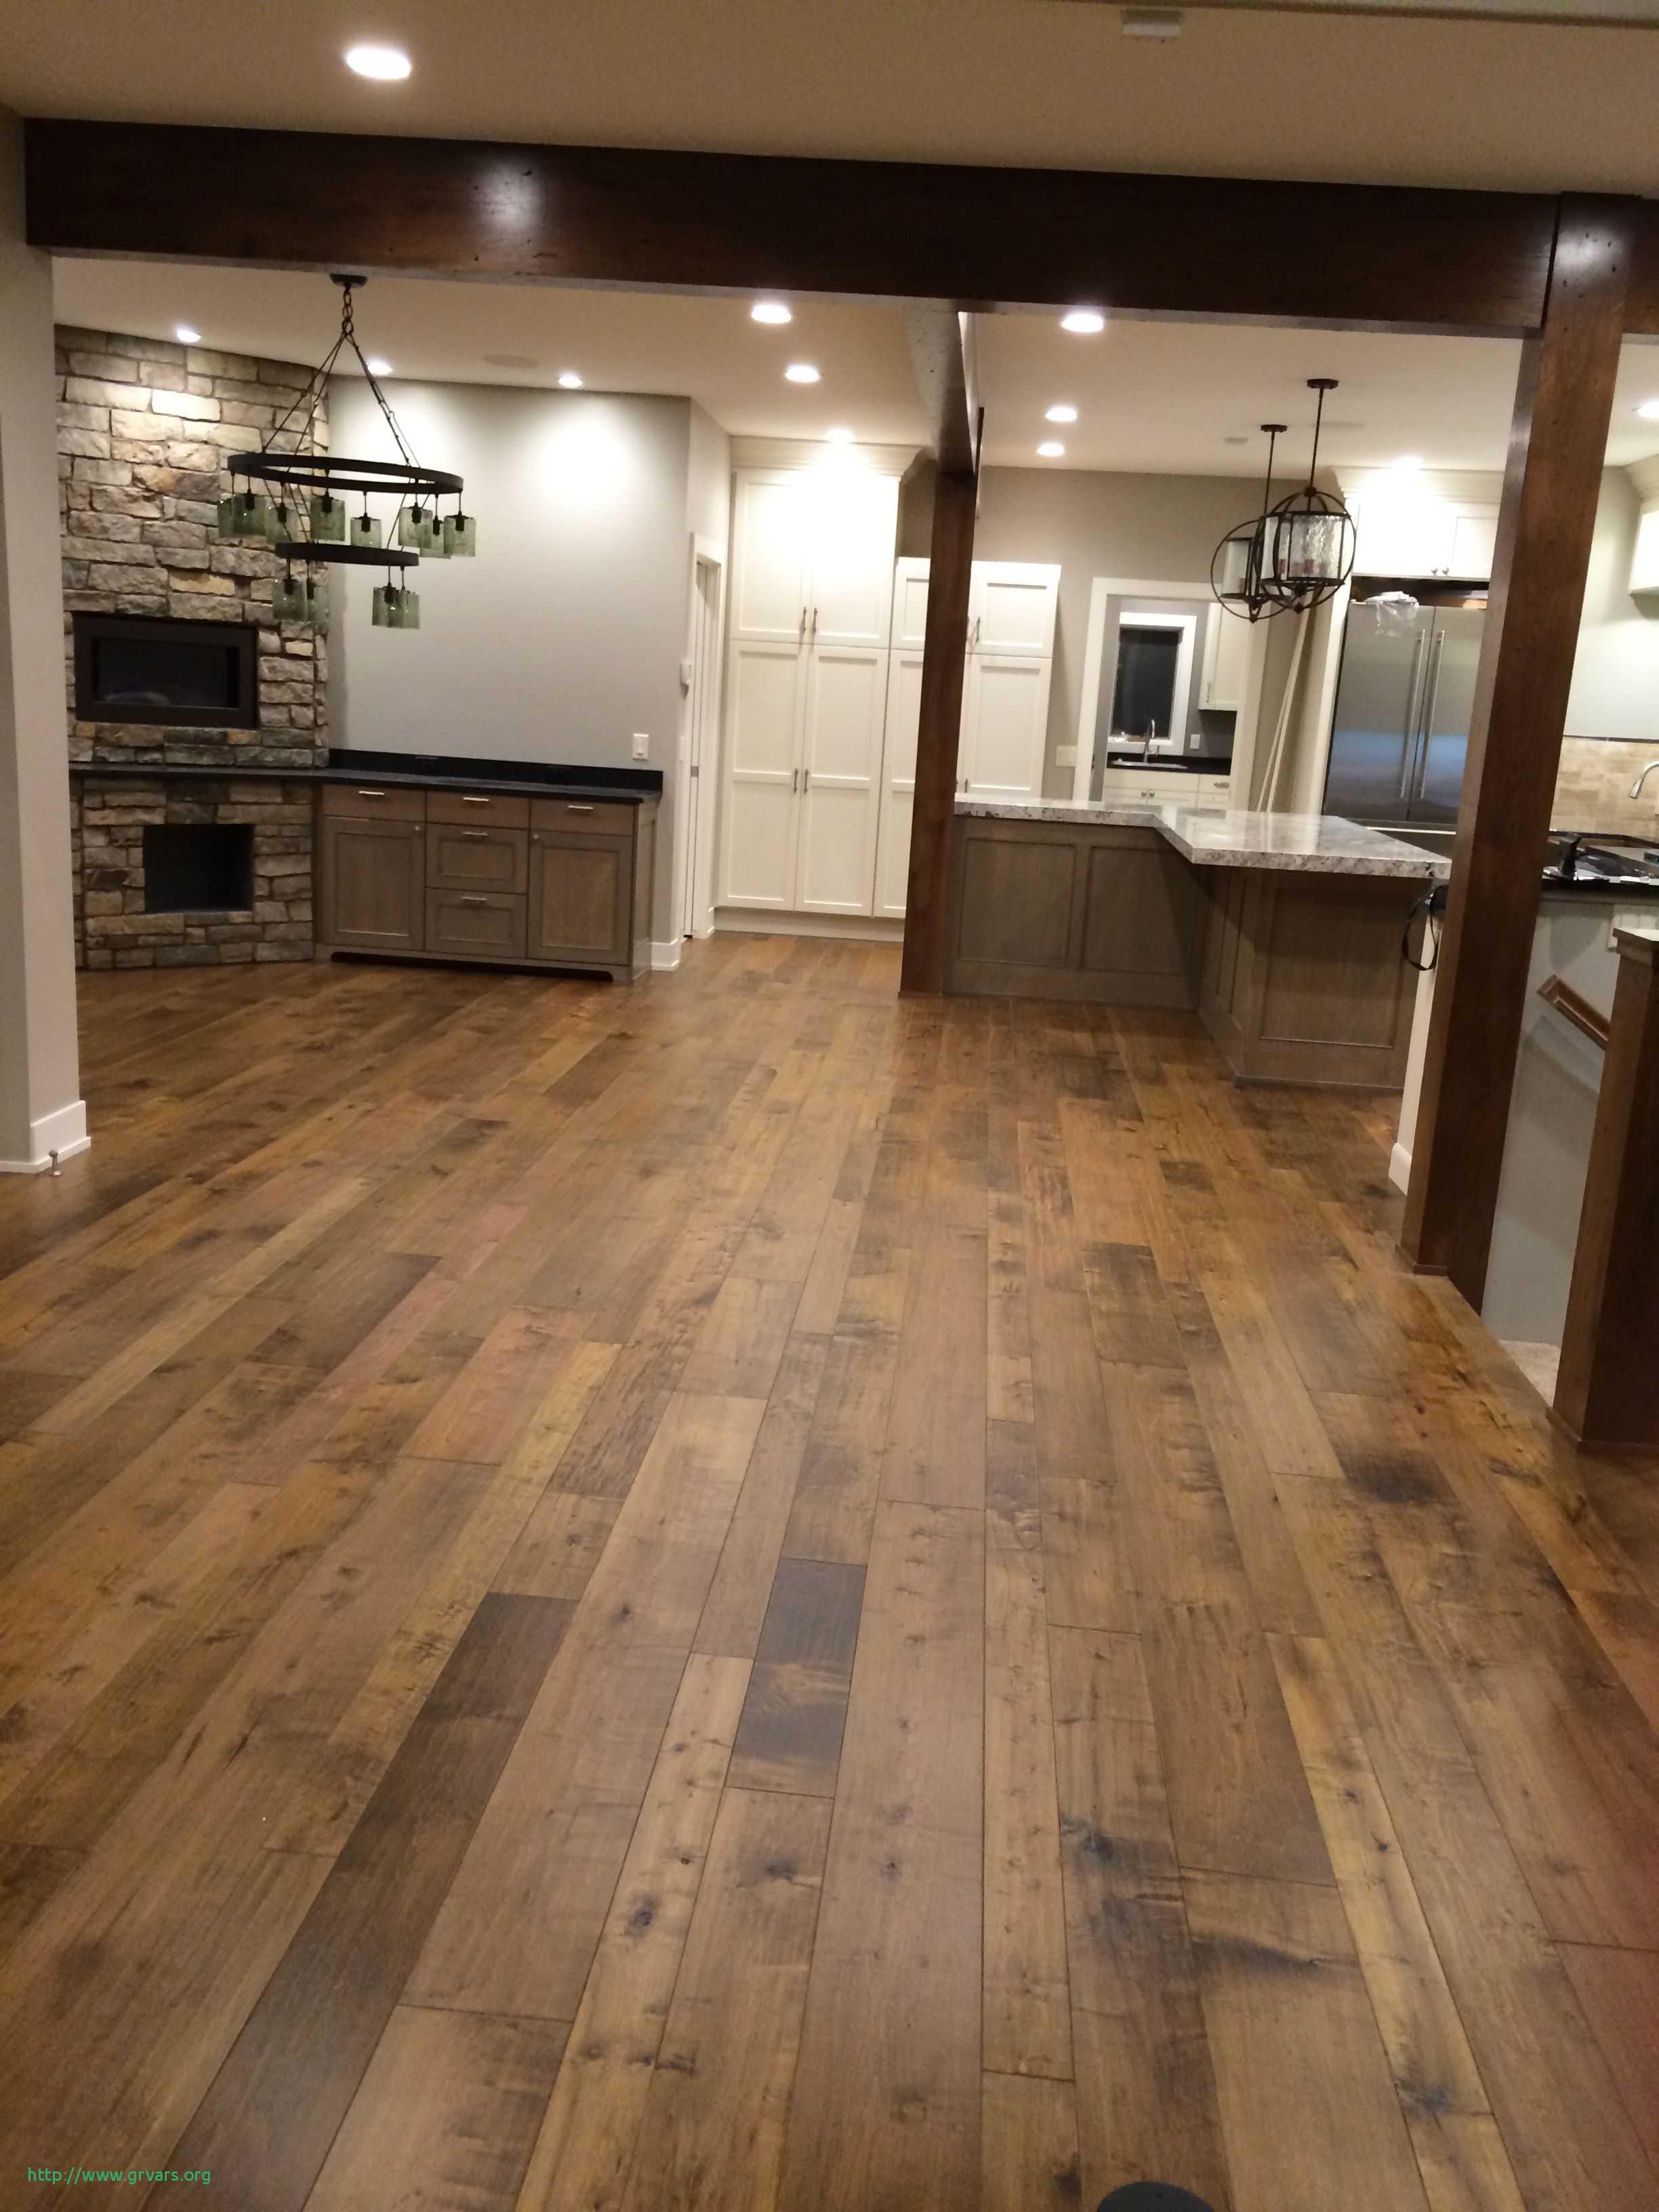 hardwood floor width of 20 unique hardwood floor plank sizes ideas blog with hardwood floor plank sizes luxe monterey hardwood collection rooms and spaces